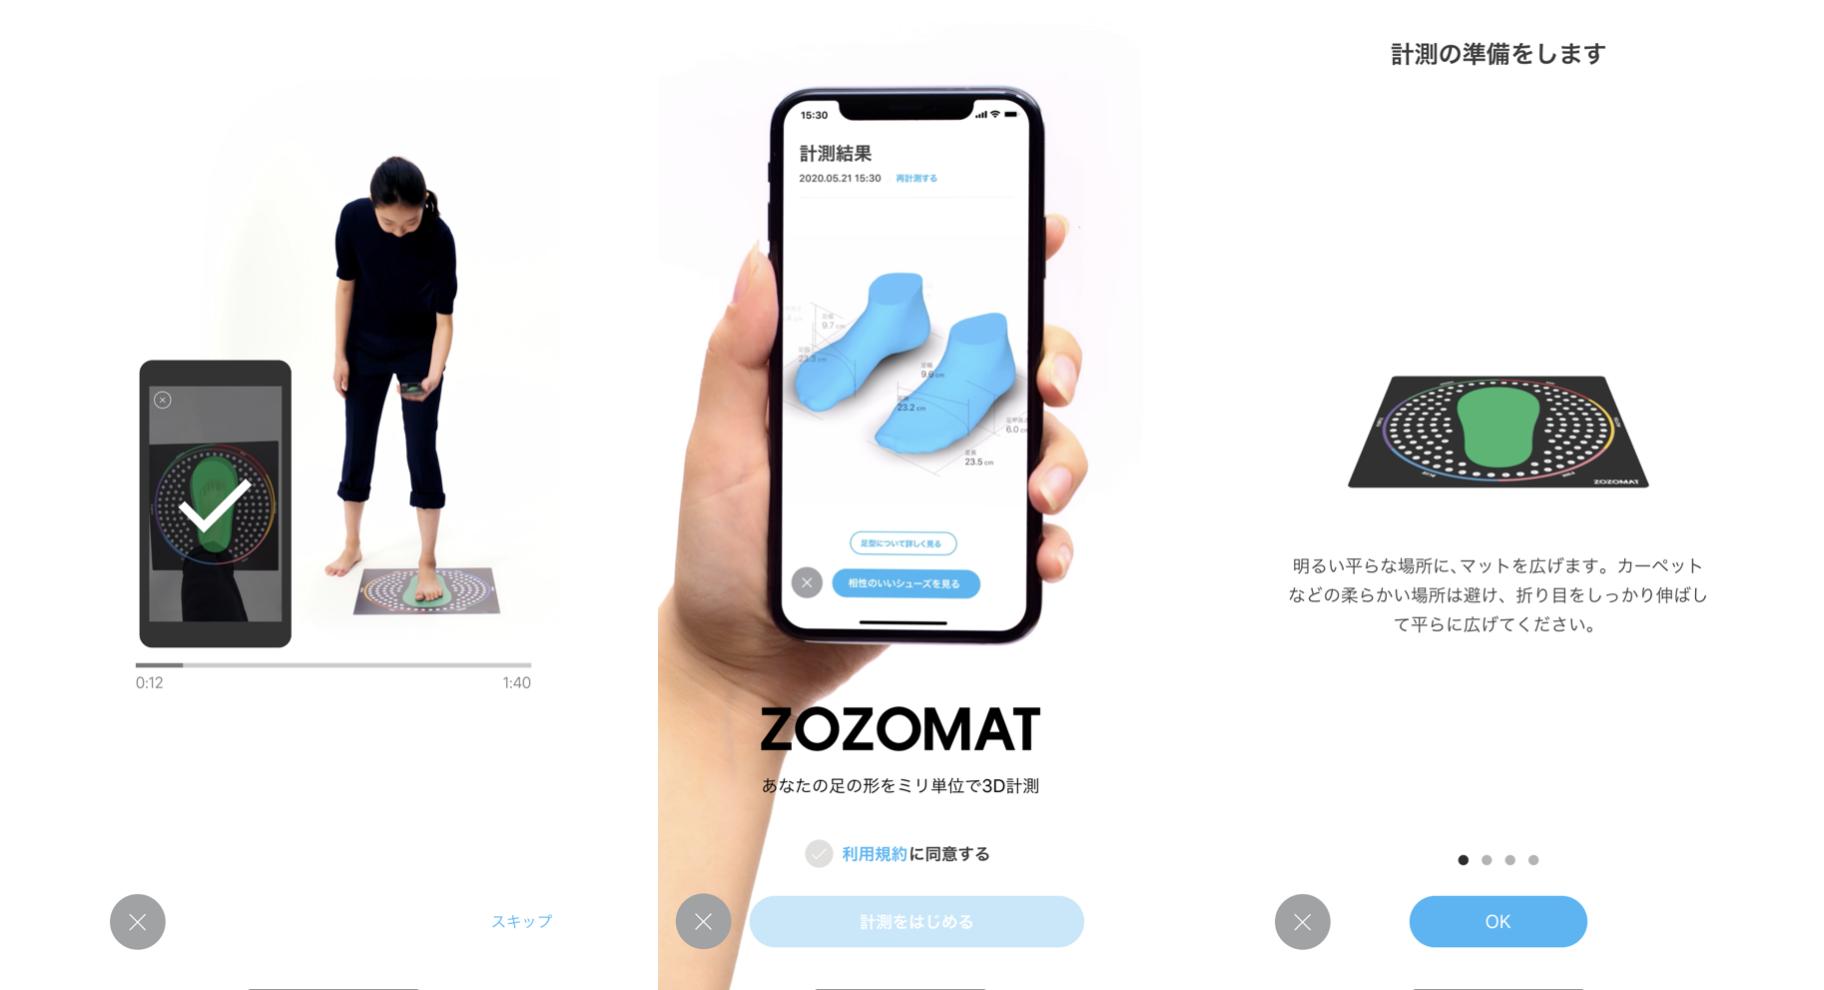 「靴の通販」に風穴を開ける。足を3Dデータ化して最適な靴をオススメ「ZOZOMAT」